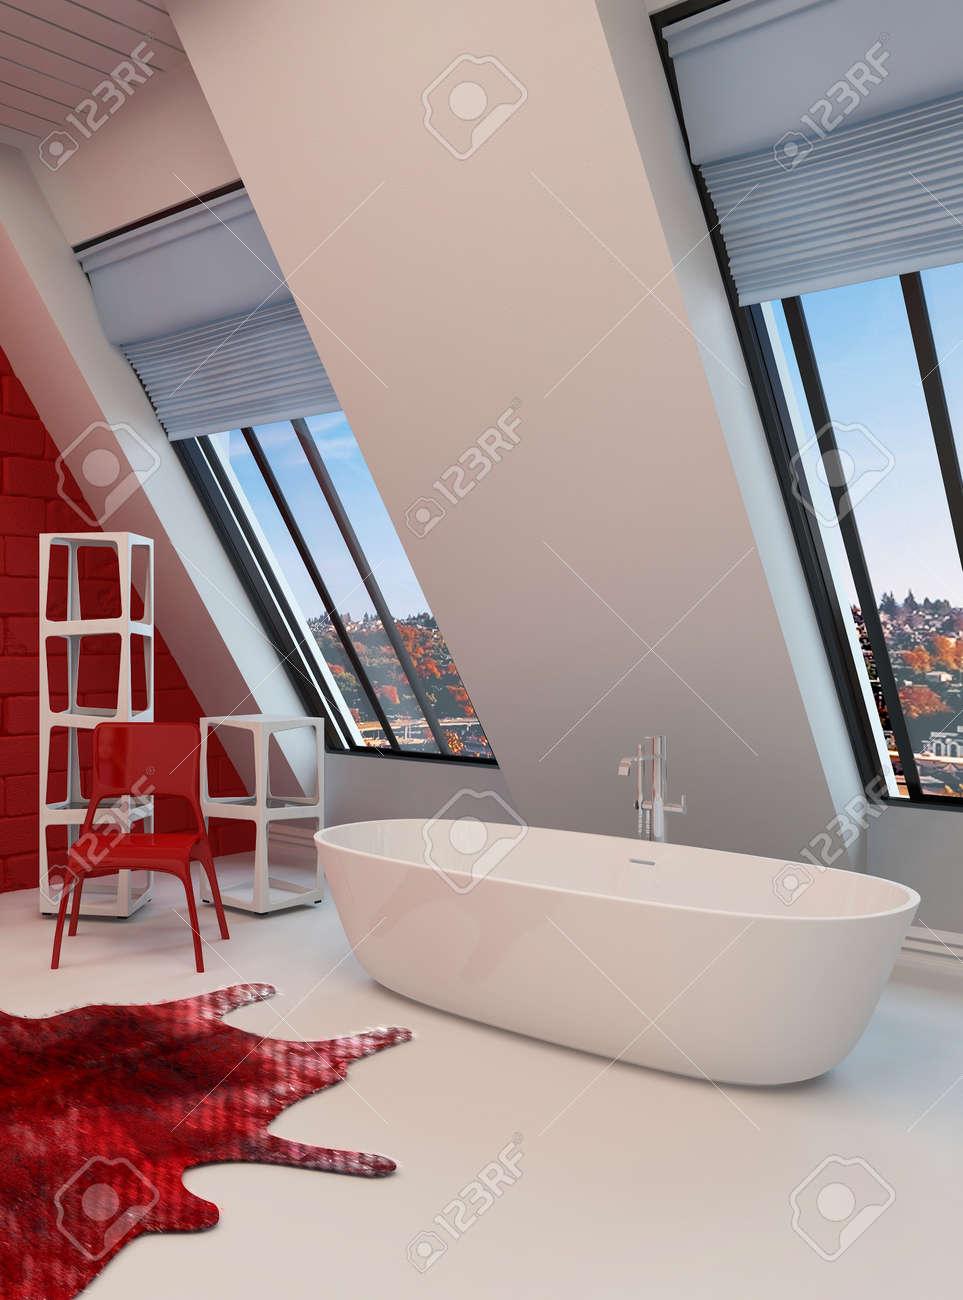 Salle De Bain Rouge Et Blanc intérieur dramatique spacieuse salle de bain rouge et blanc avec une  baignoire autoportante, la paroi inclinée avec des fenêtres de vue